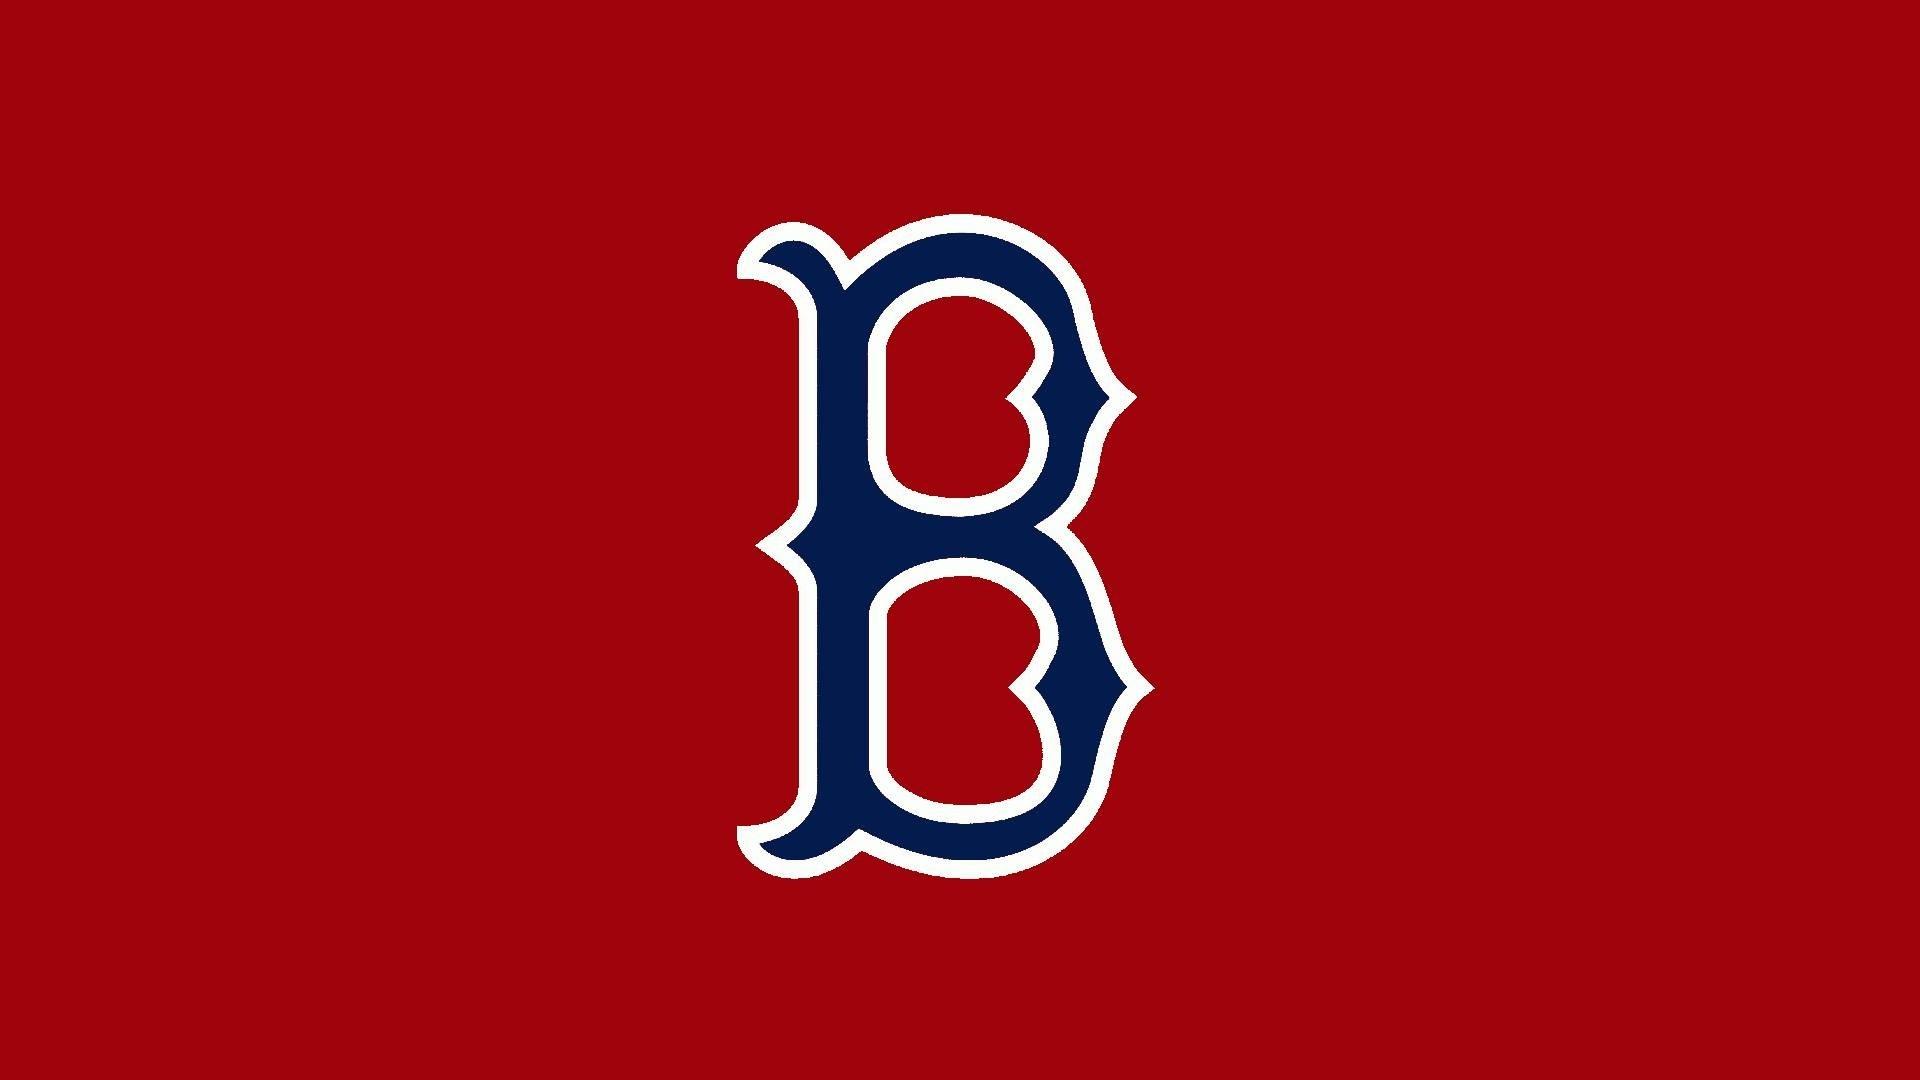 1920x1080 Boston Red Sox Wall Art